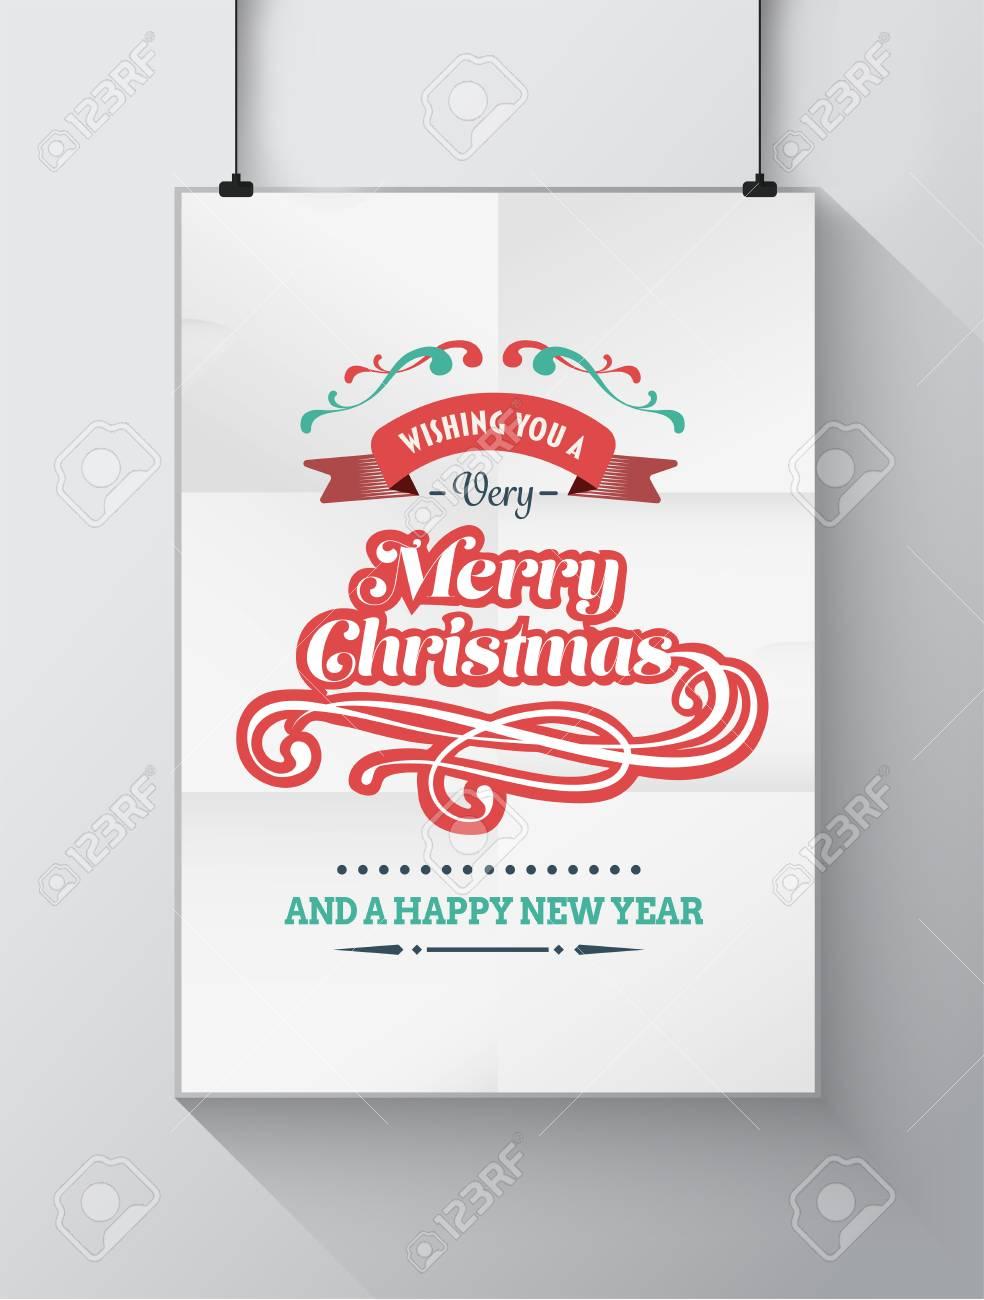 Digital Generiert Weihnachten Begrüßung Mit Illustrationen Auf ...